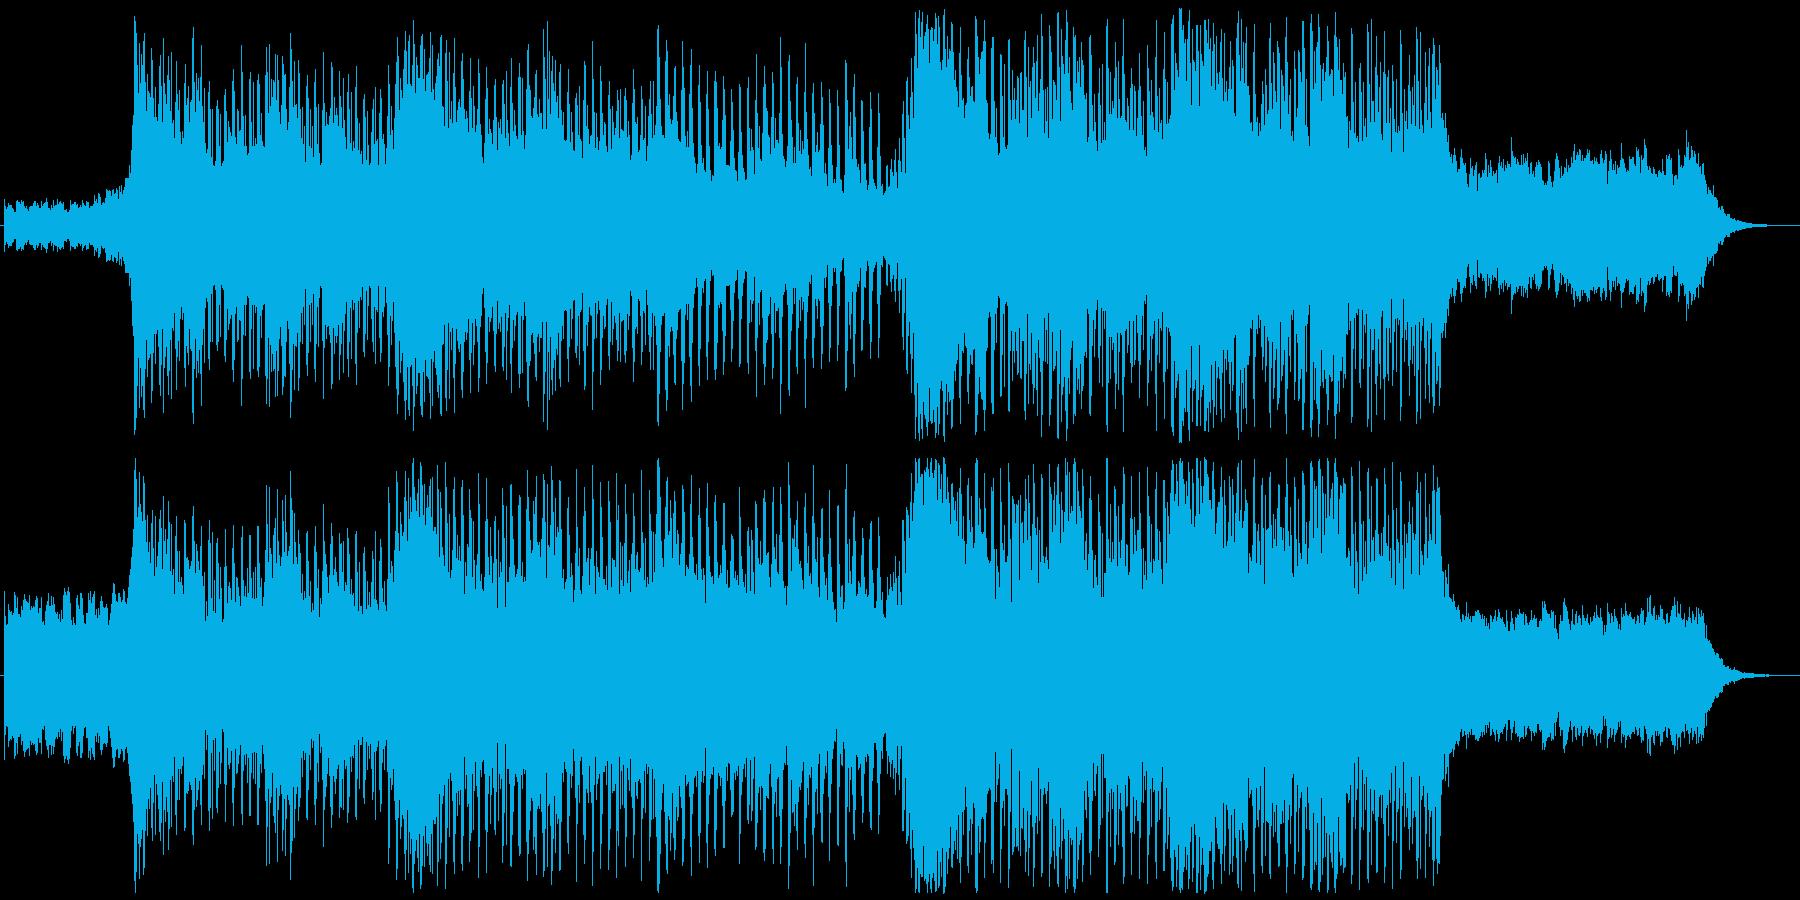 晴れ・ドライブ・風・企業VPエレクトロの再生済みの波形